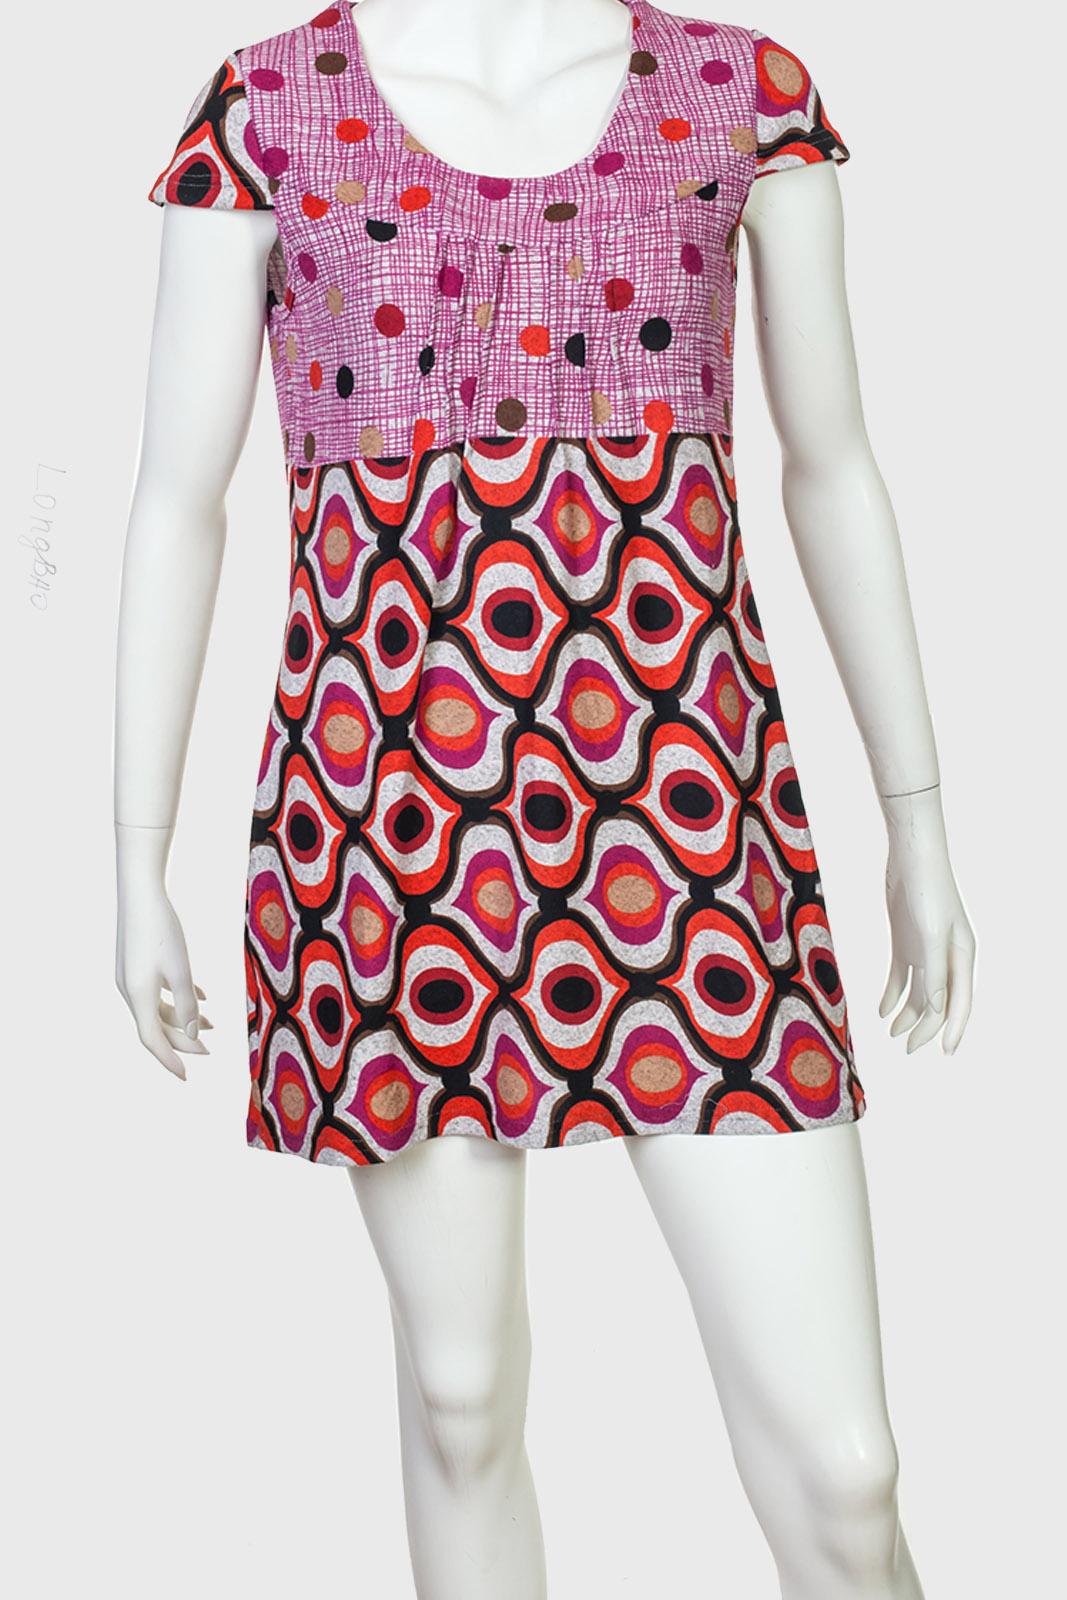 Утонченное платье с топом в горошек от Longbao